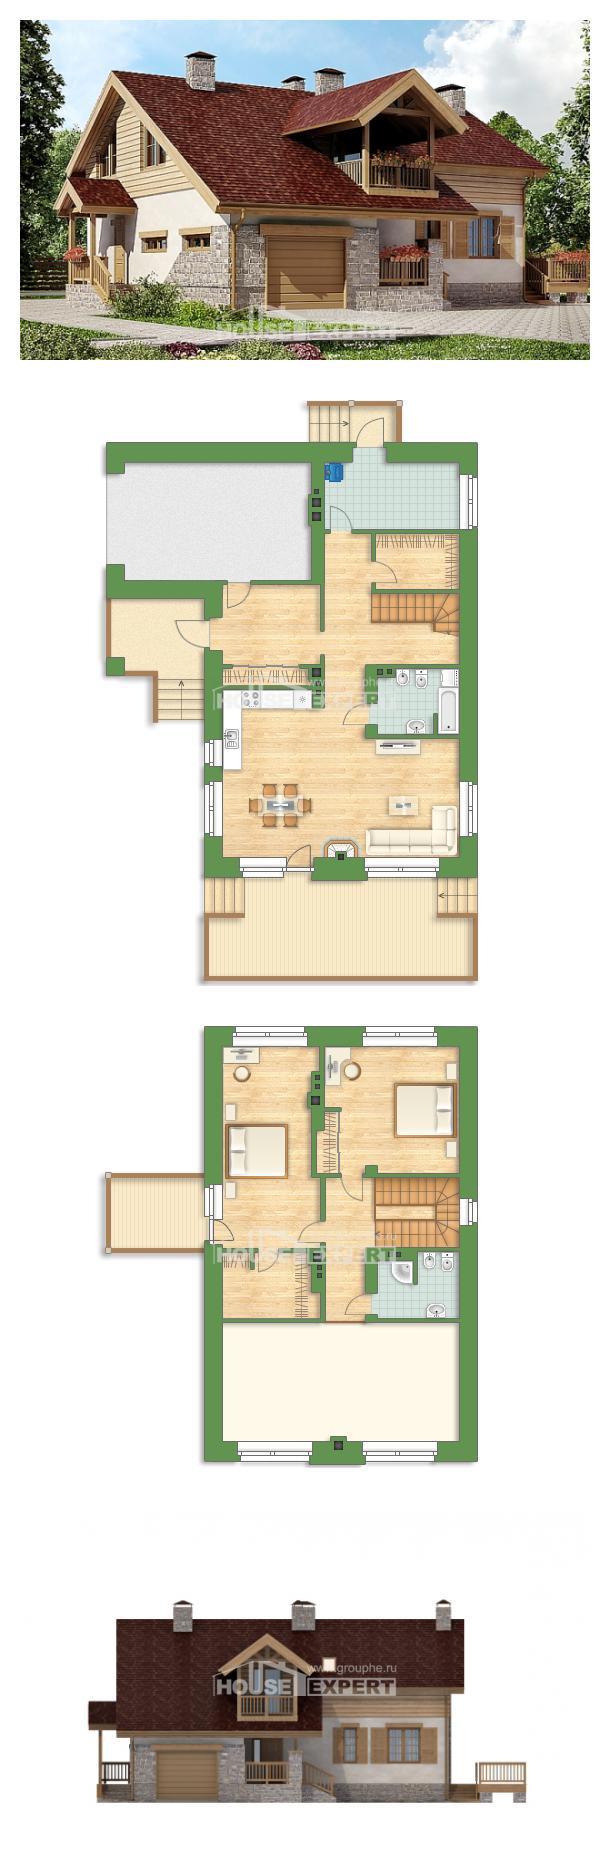 Proyecto de casa 165-002-R | House Expert